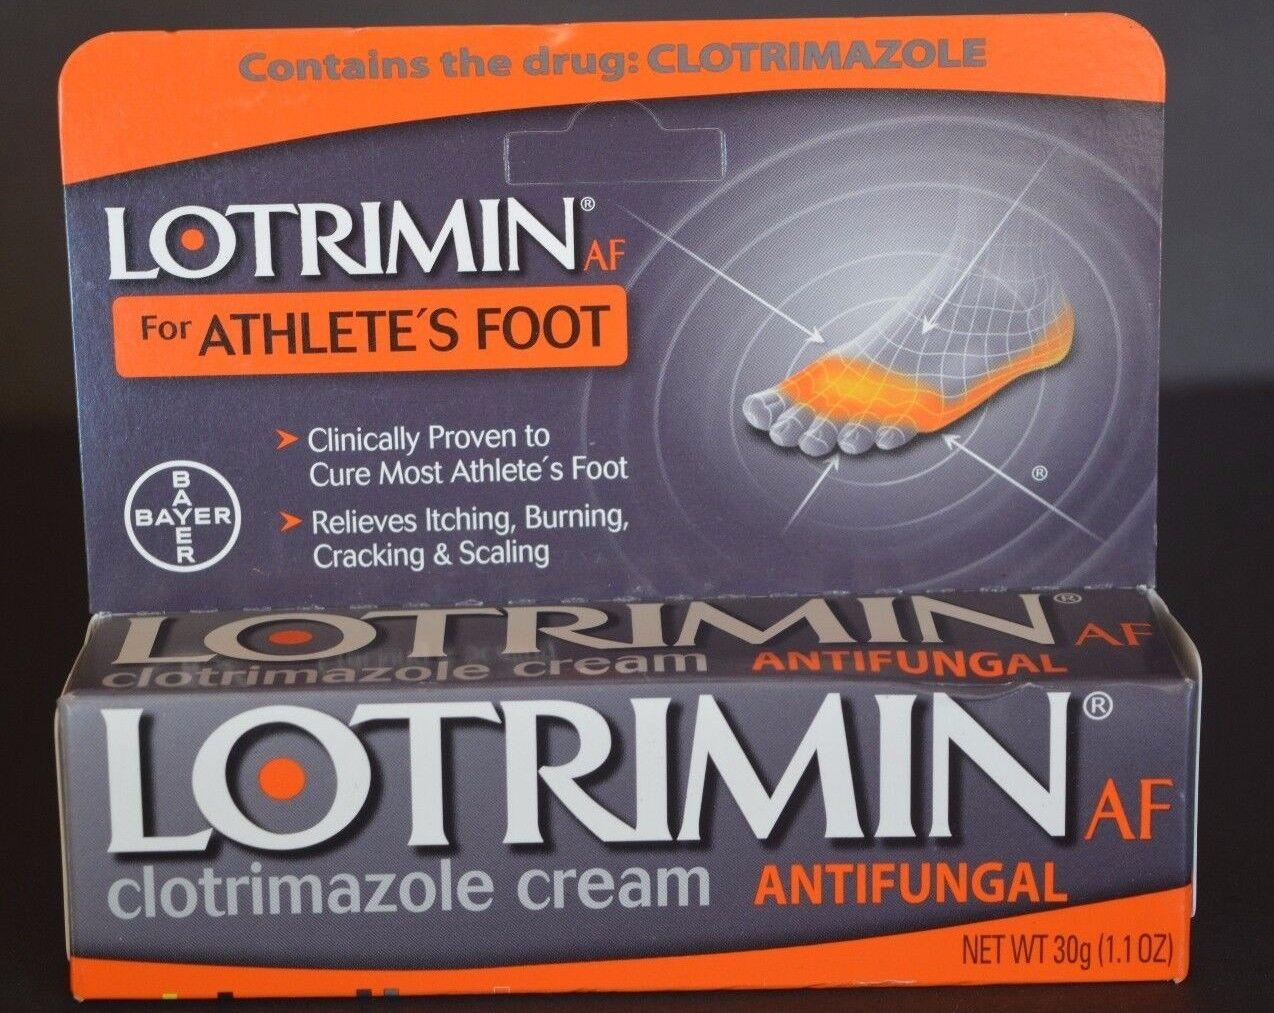 LOTRIMIN AF FOR ATHLETE'S FOOT ANTIFUNGAL  BAYER